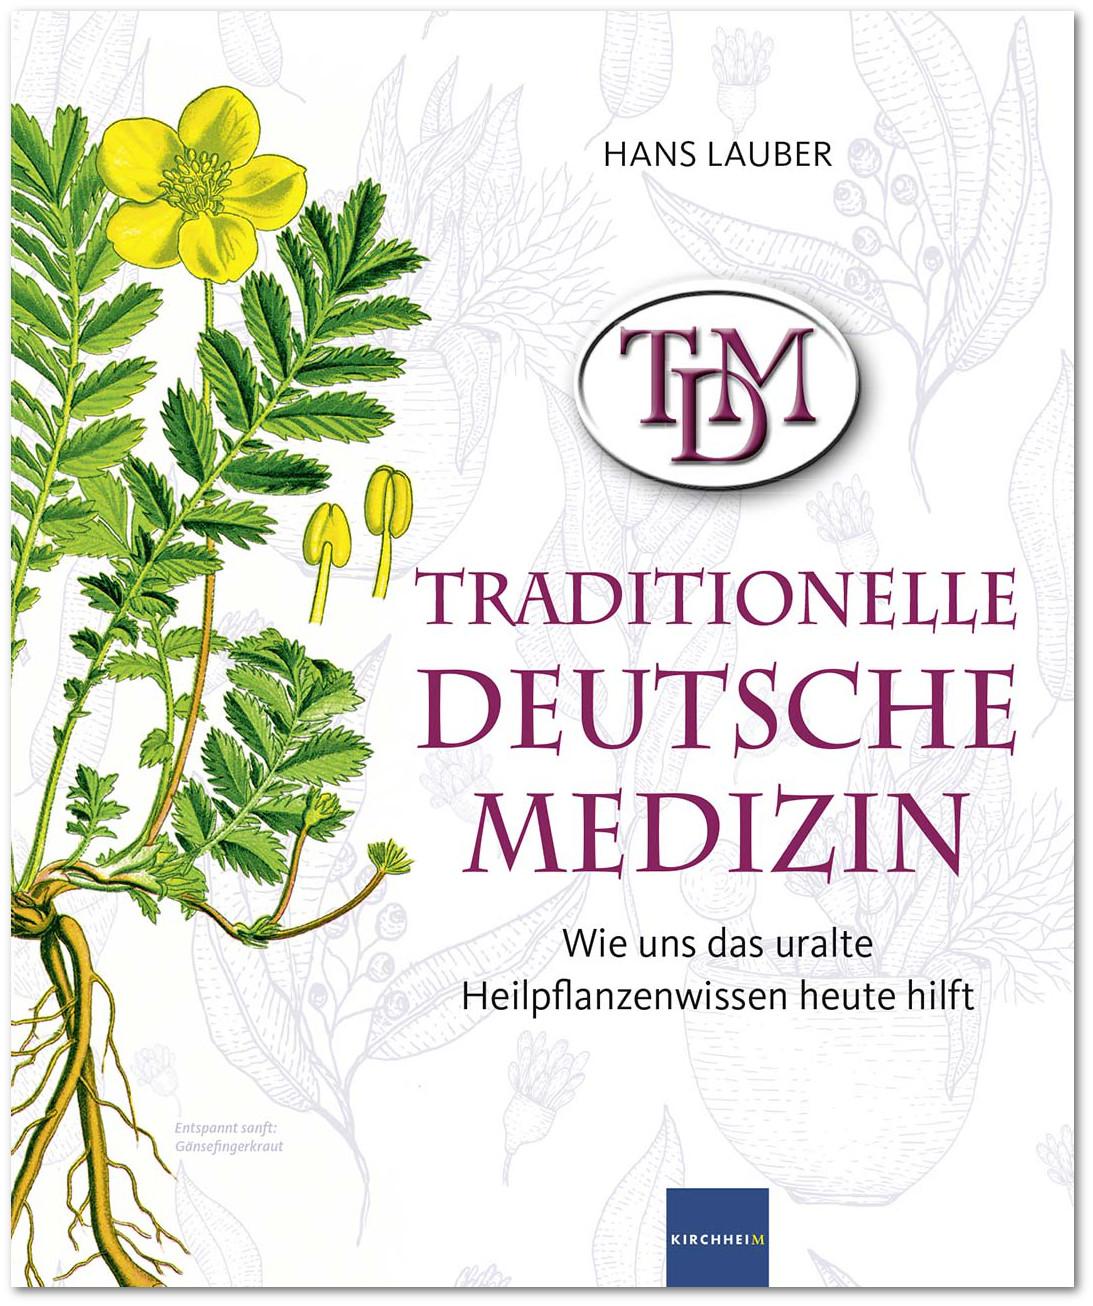 TDM Traditionelle Deutsche Medizin